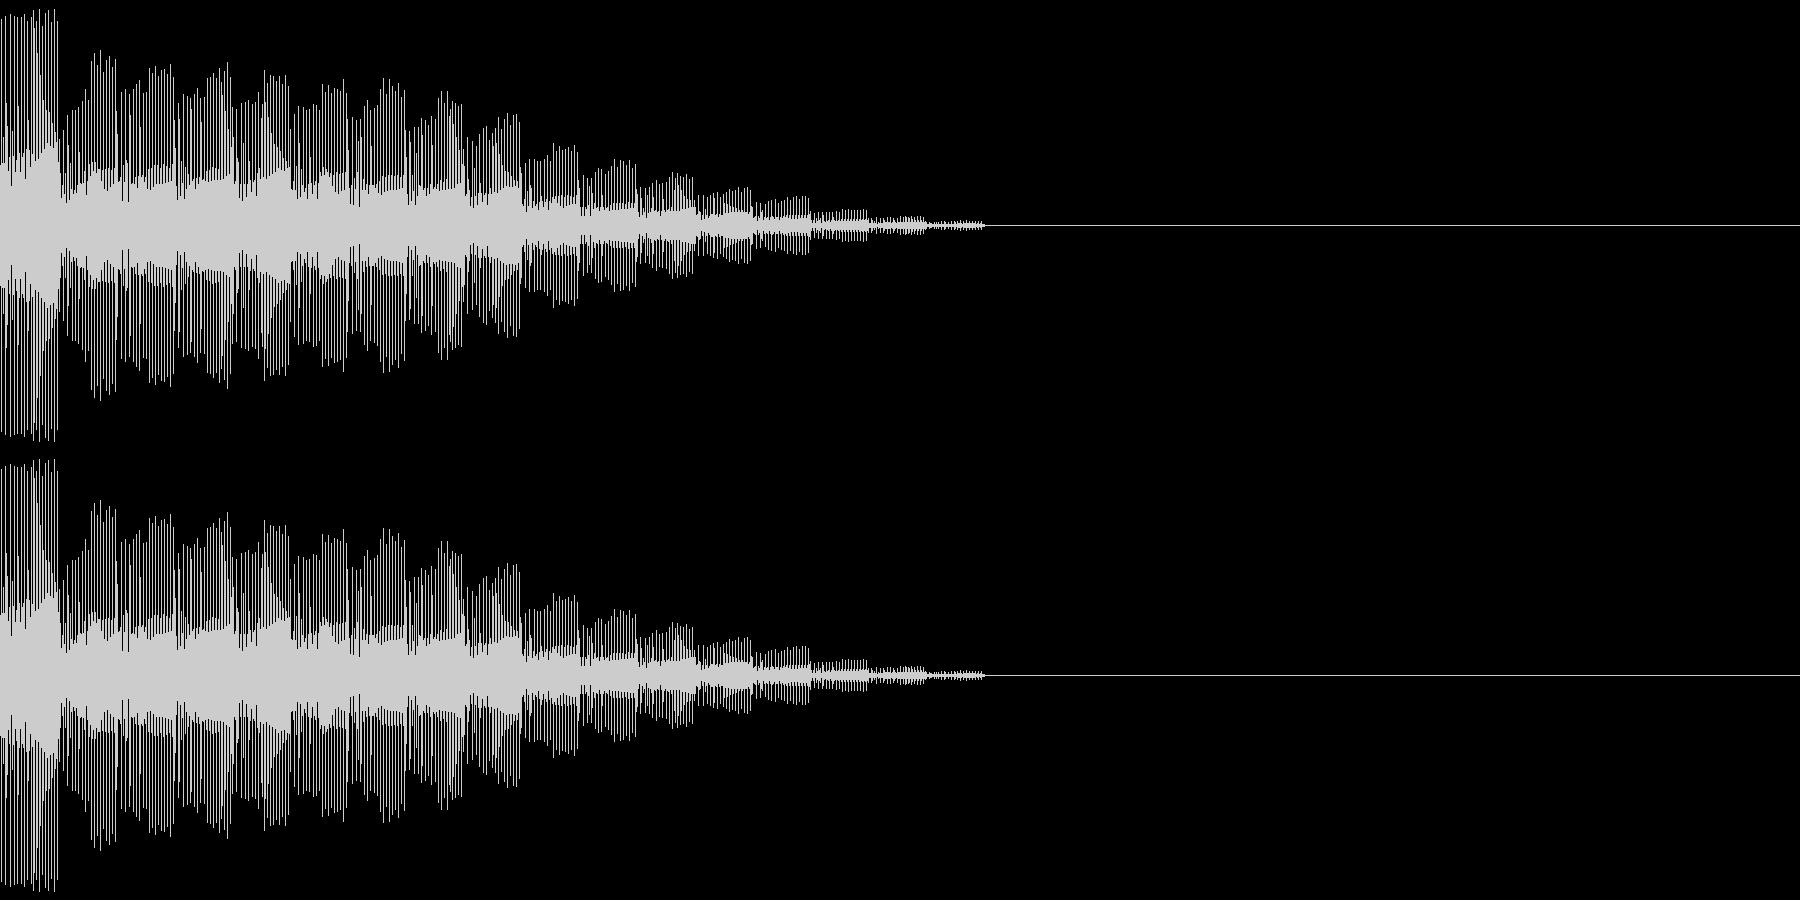 ピロロロロンの未再生の波形